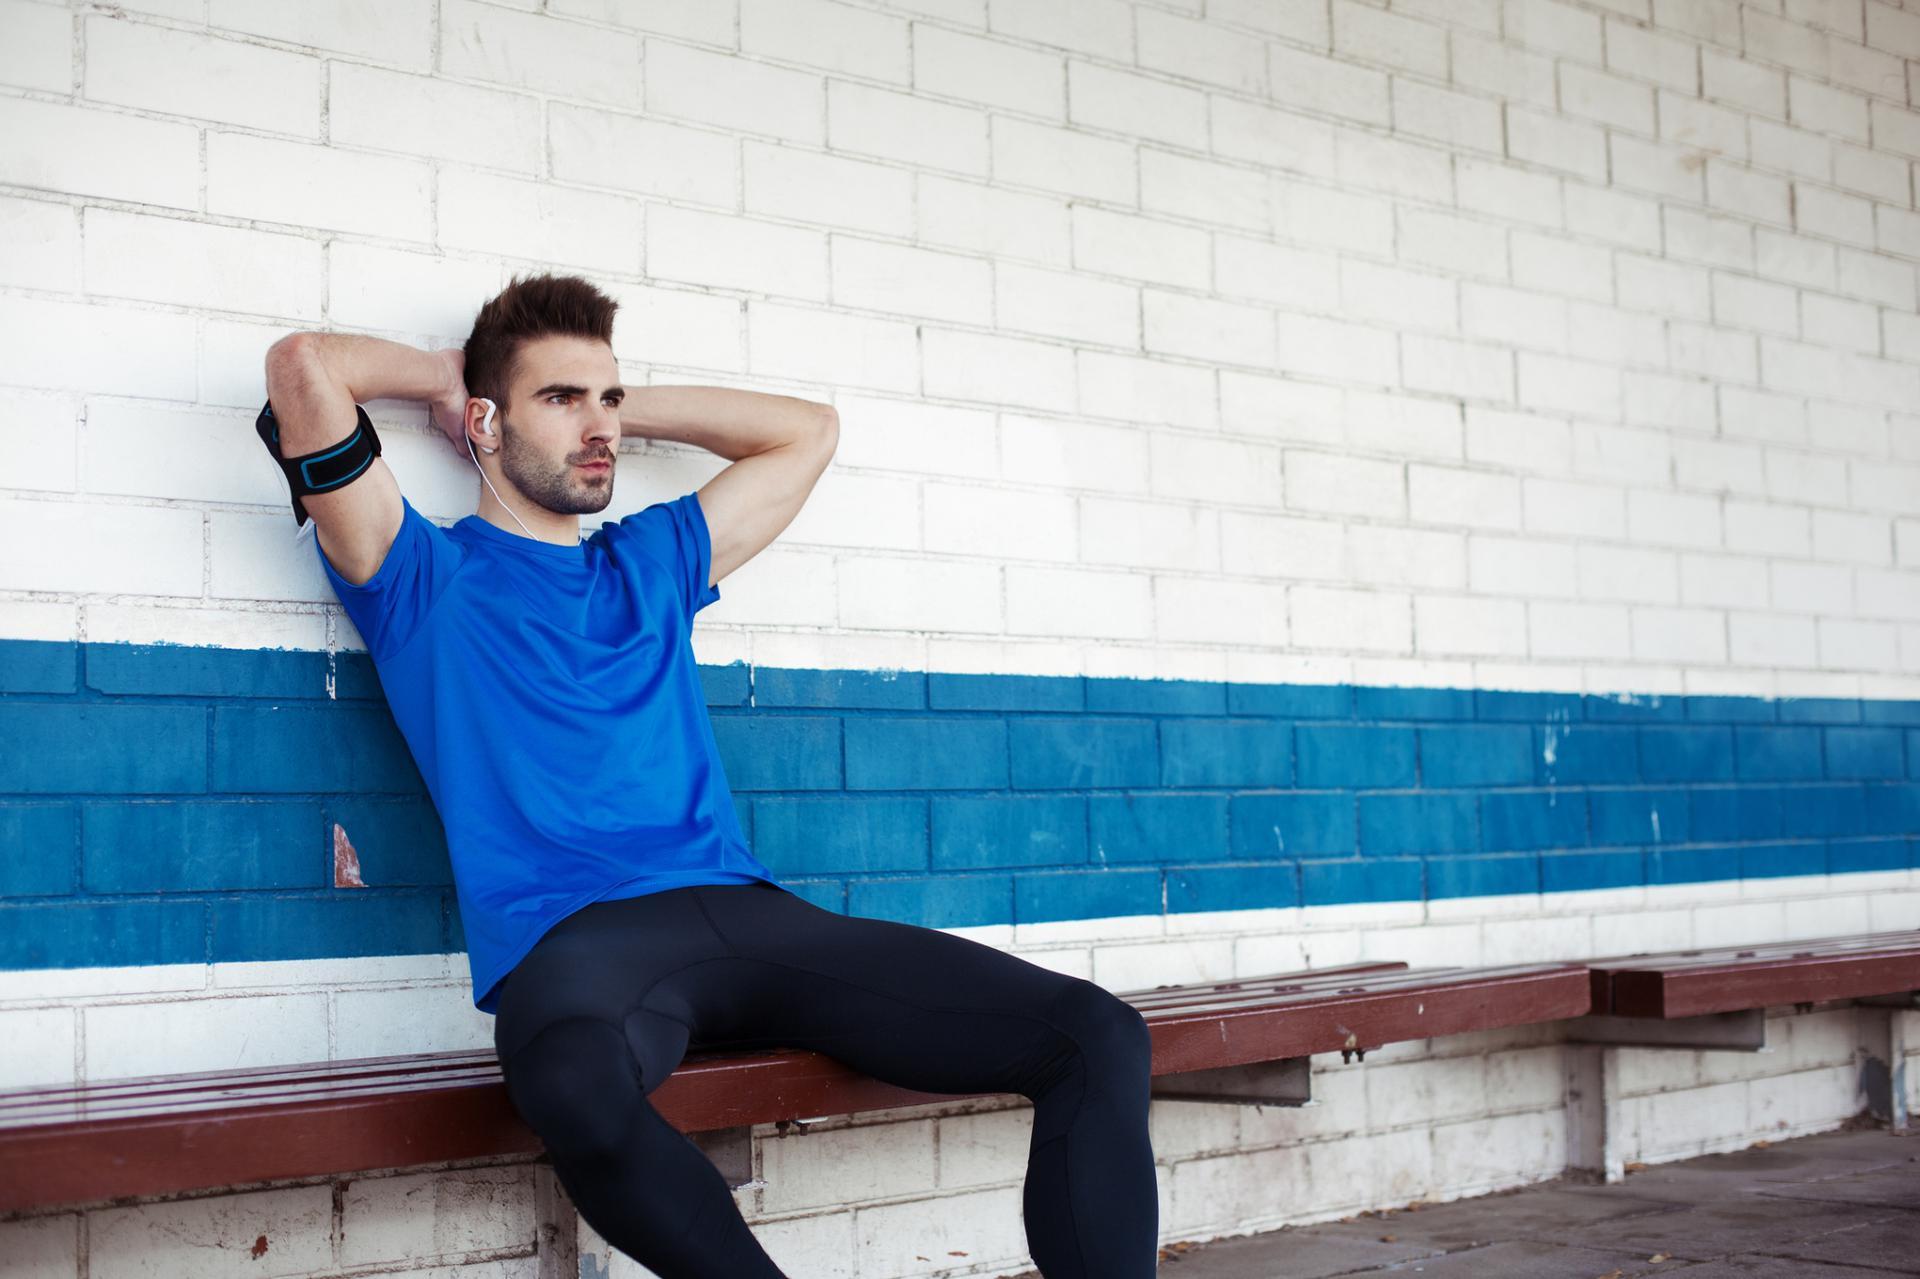 Jak schudnąć dzięki bieganiu? Transmisja live! - sunela.eu